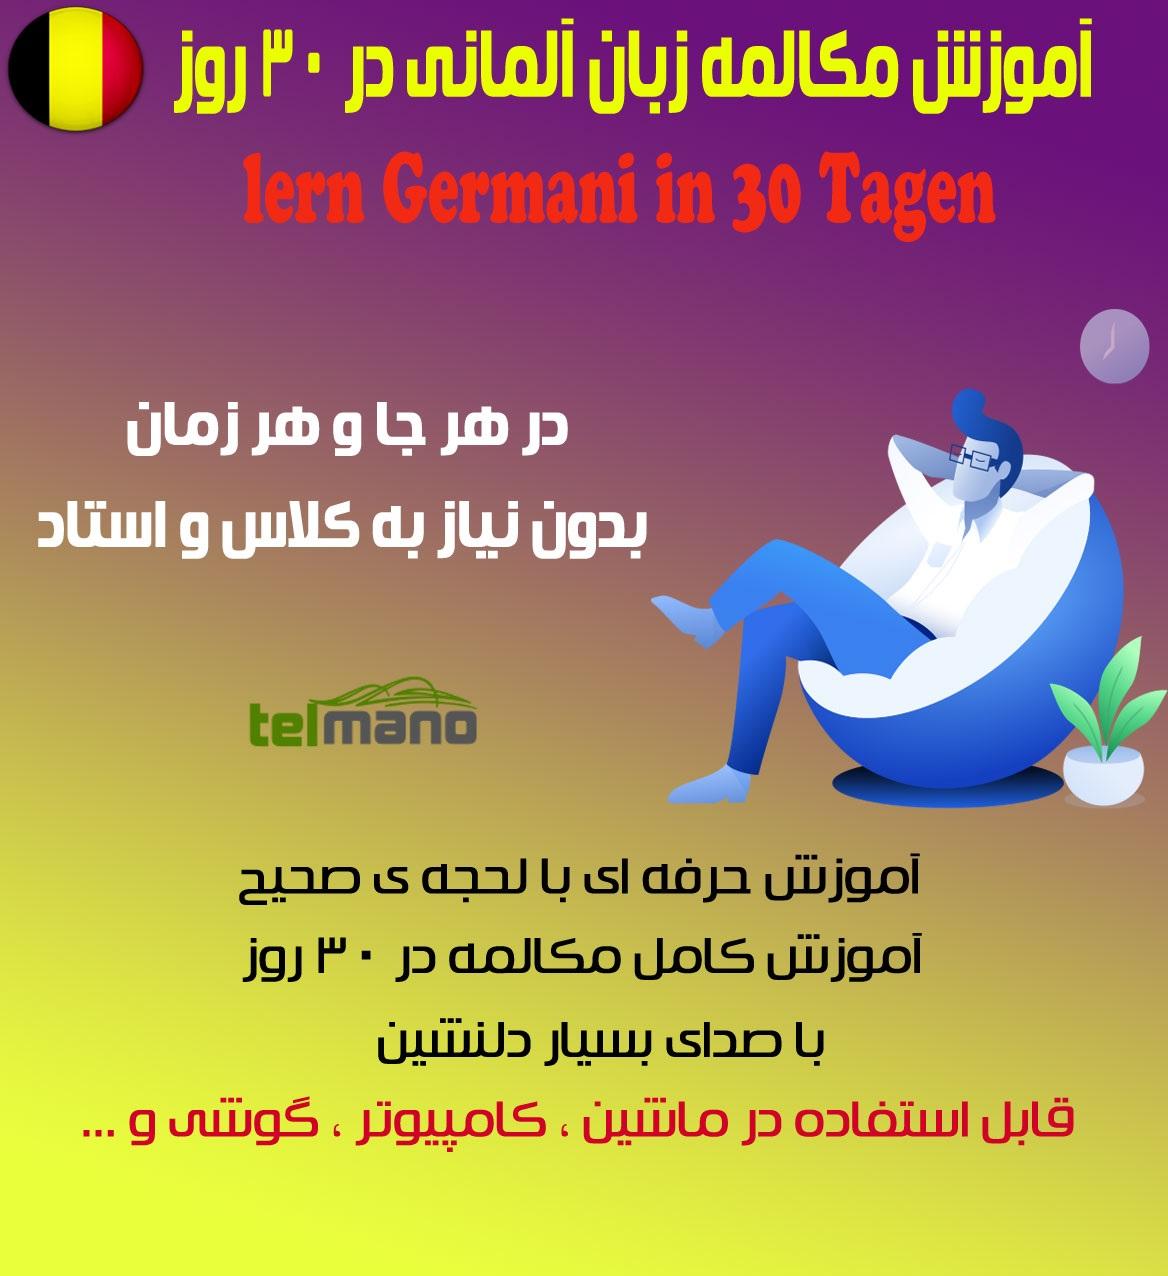 دانلود آموزش زبان آلمانی به روش نصرت در 30 روز رایگان مکالمه به زبان آلمانی کتاب های آموزش زبان آلمانی pdf